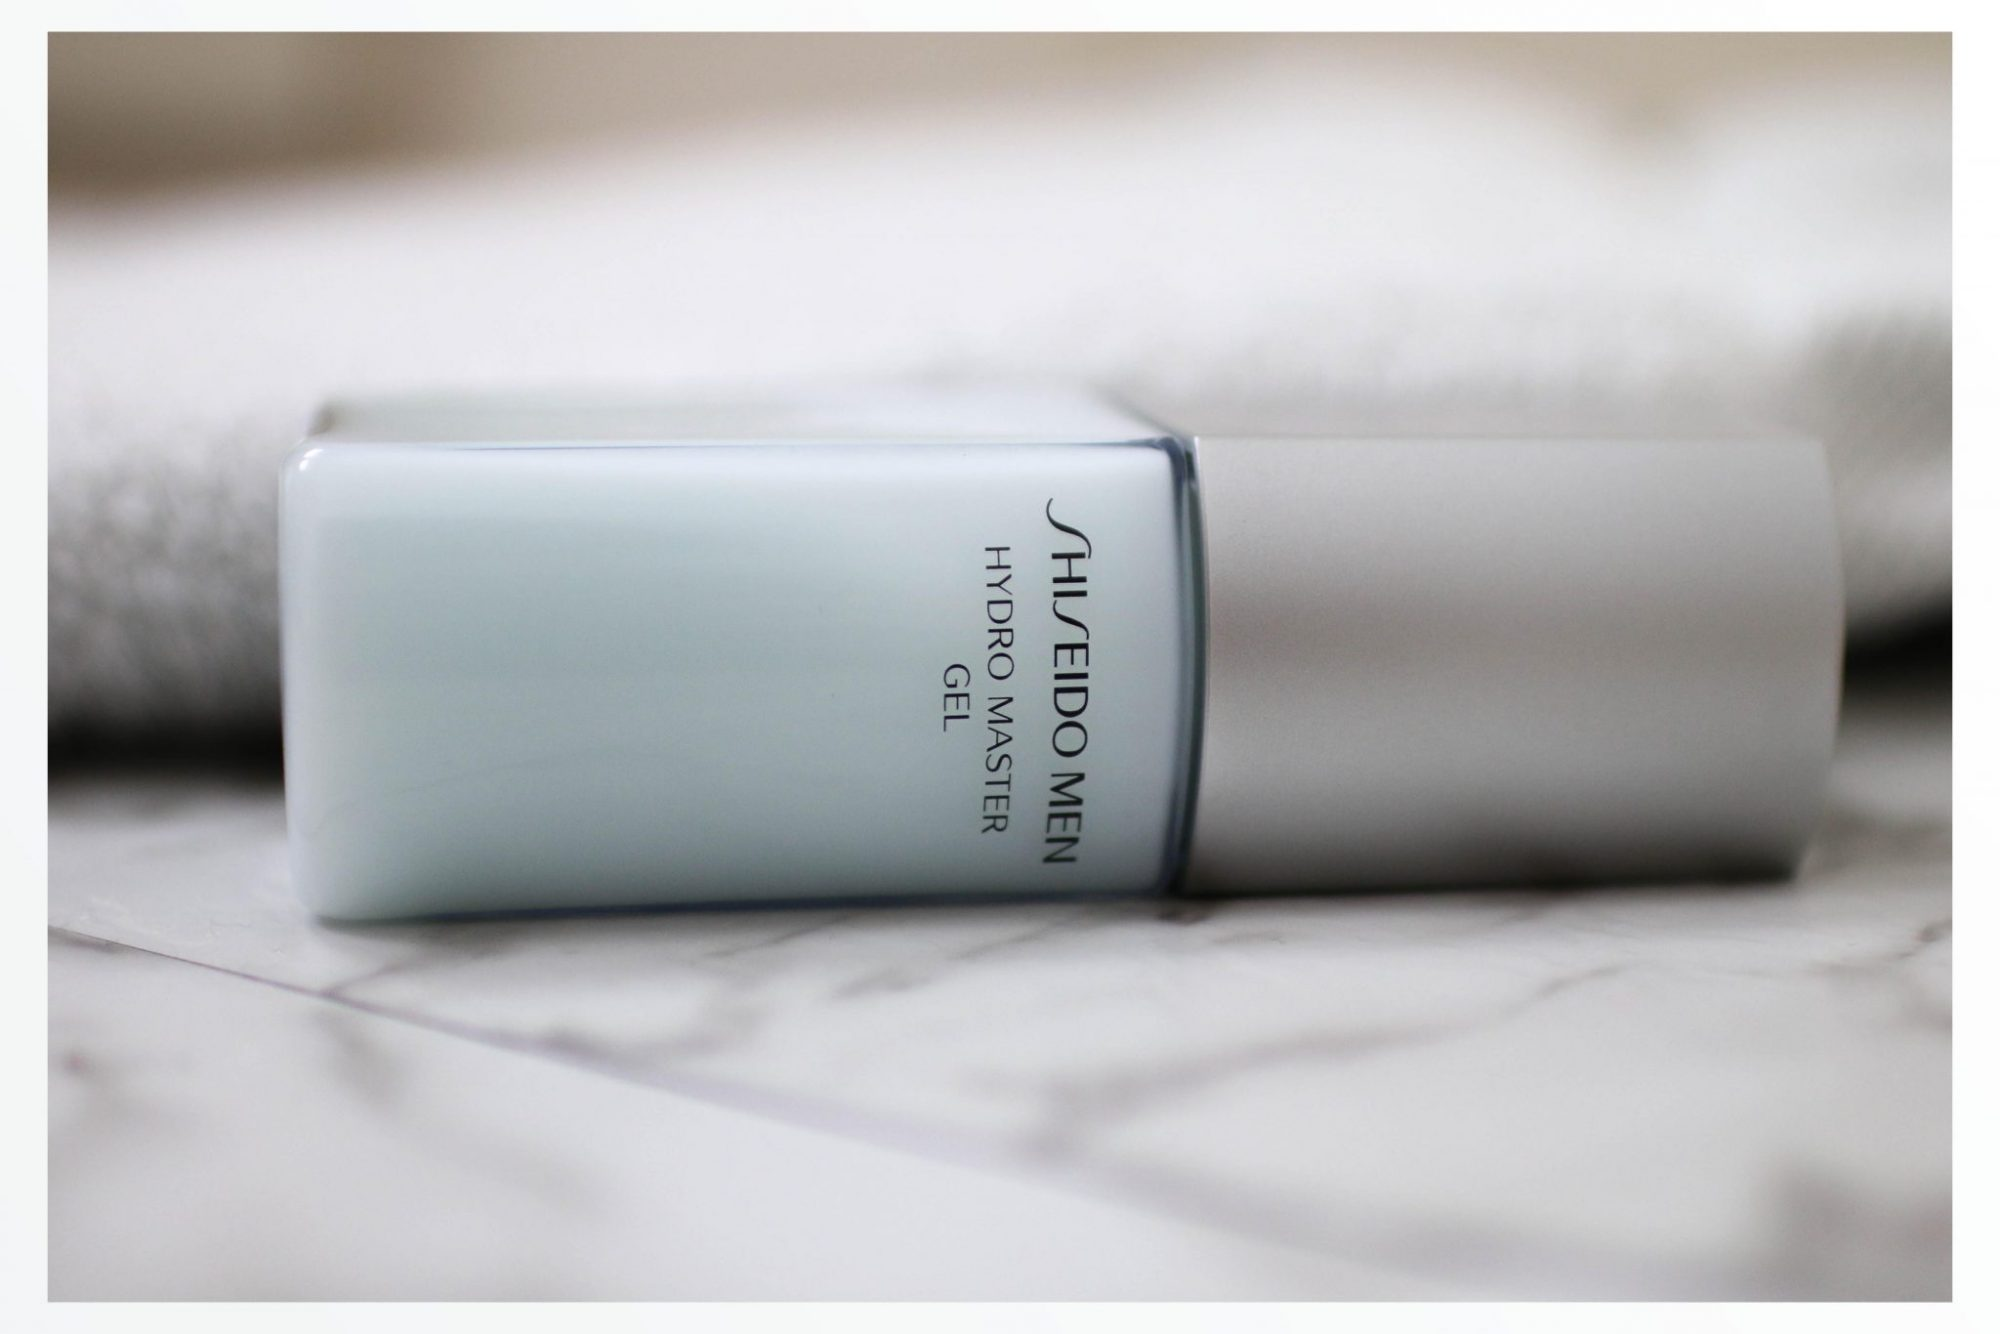 oily-skin-moisturiser-men-shiseido